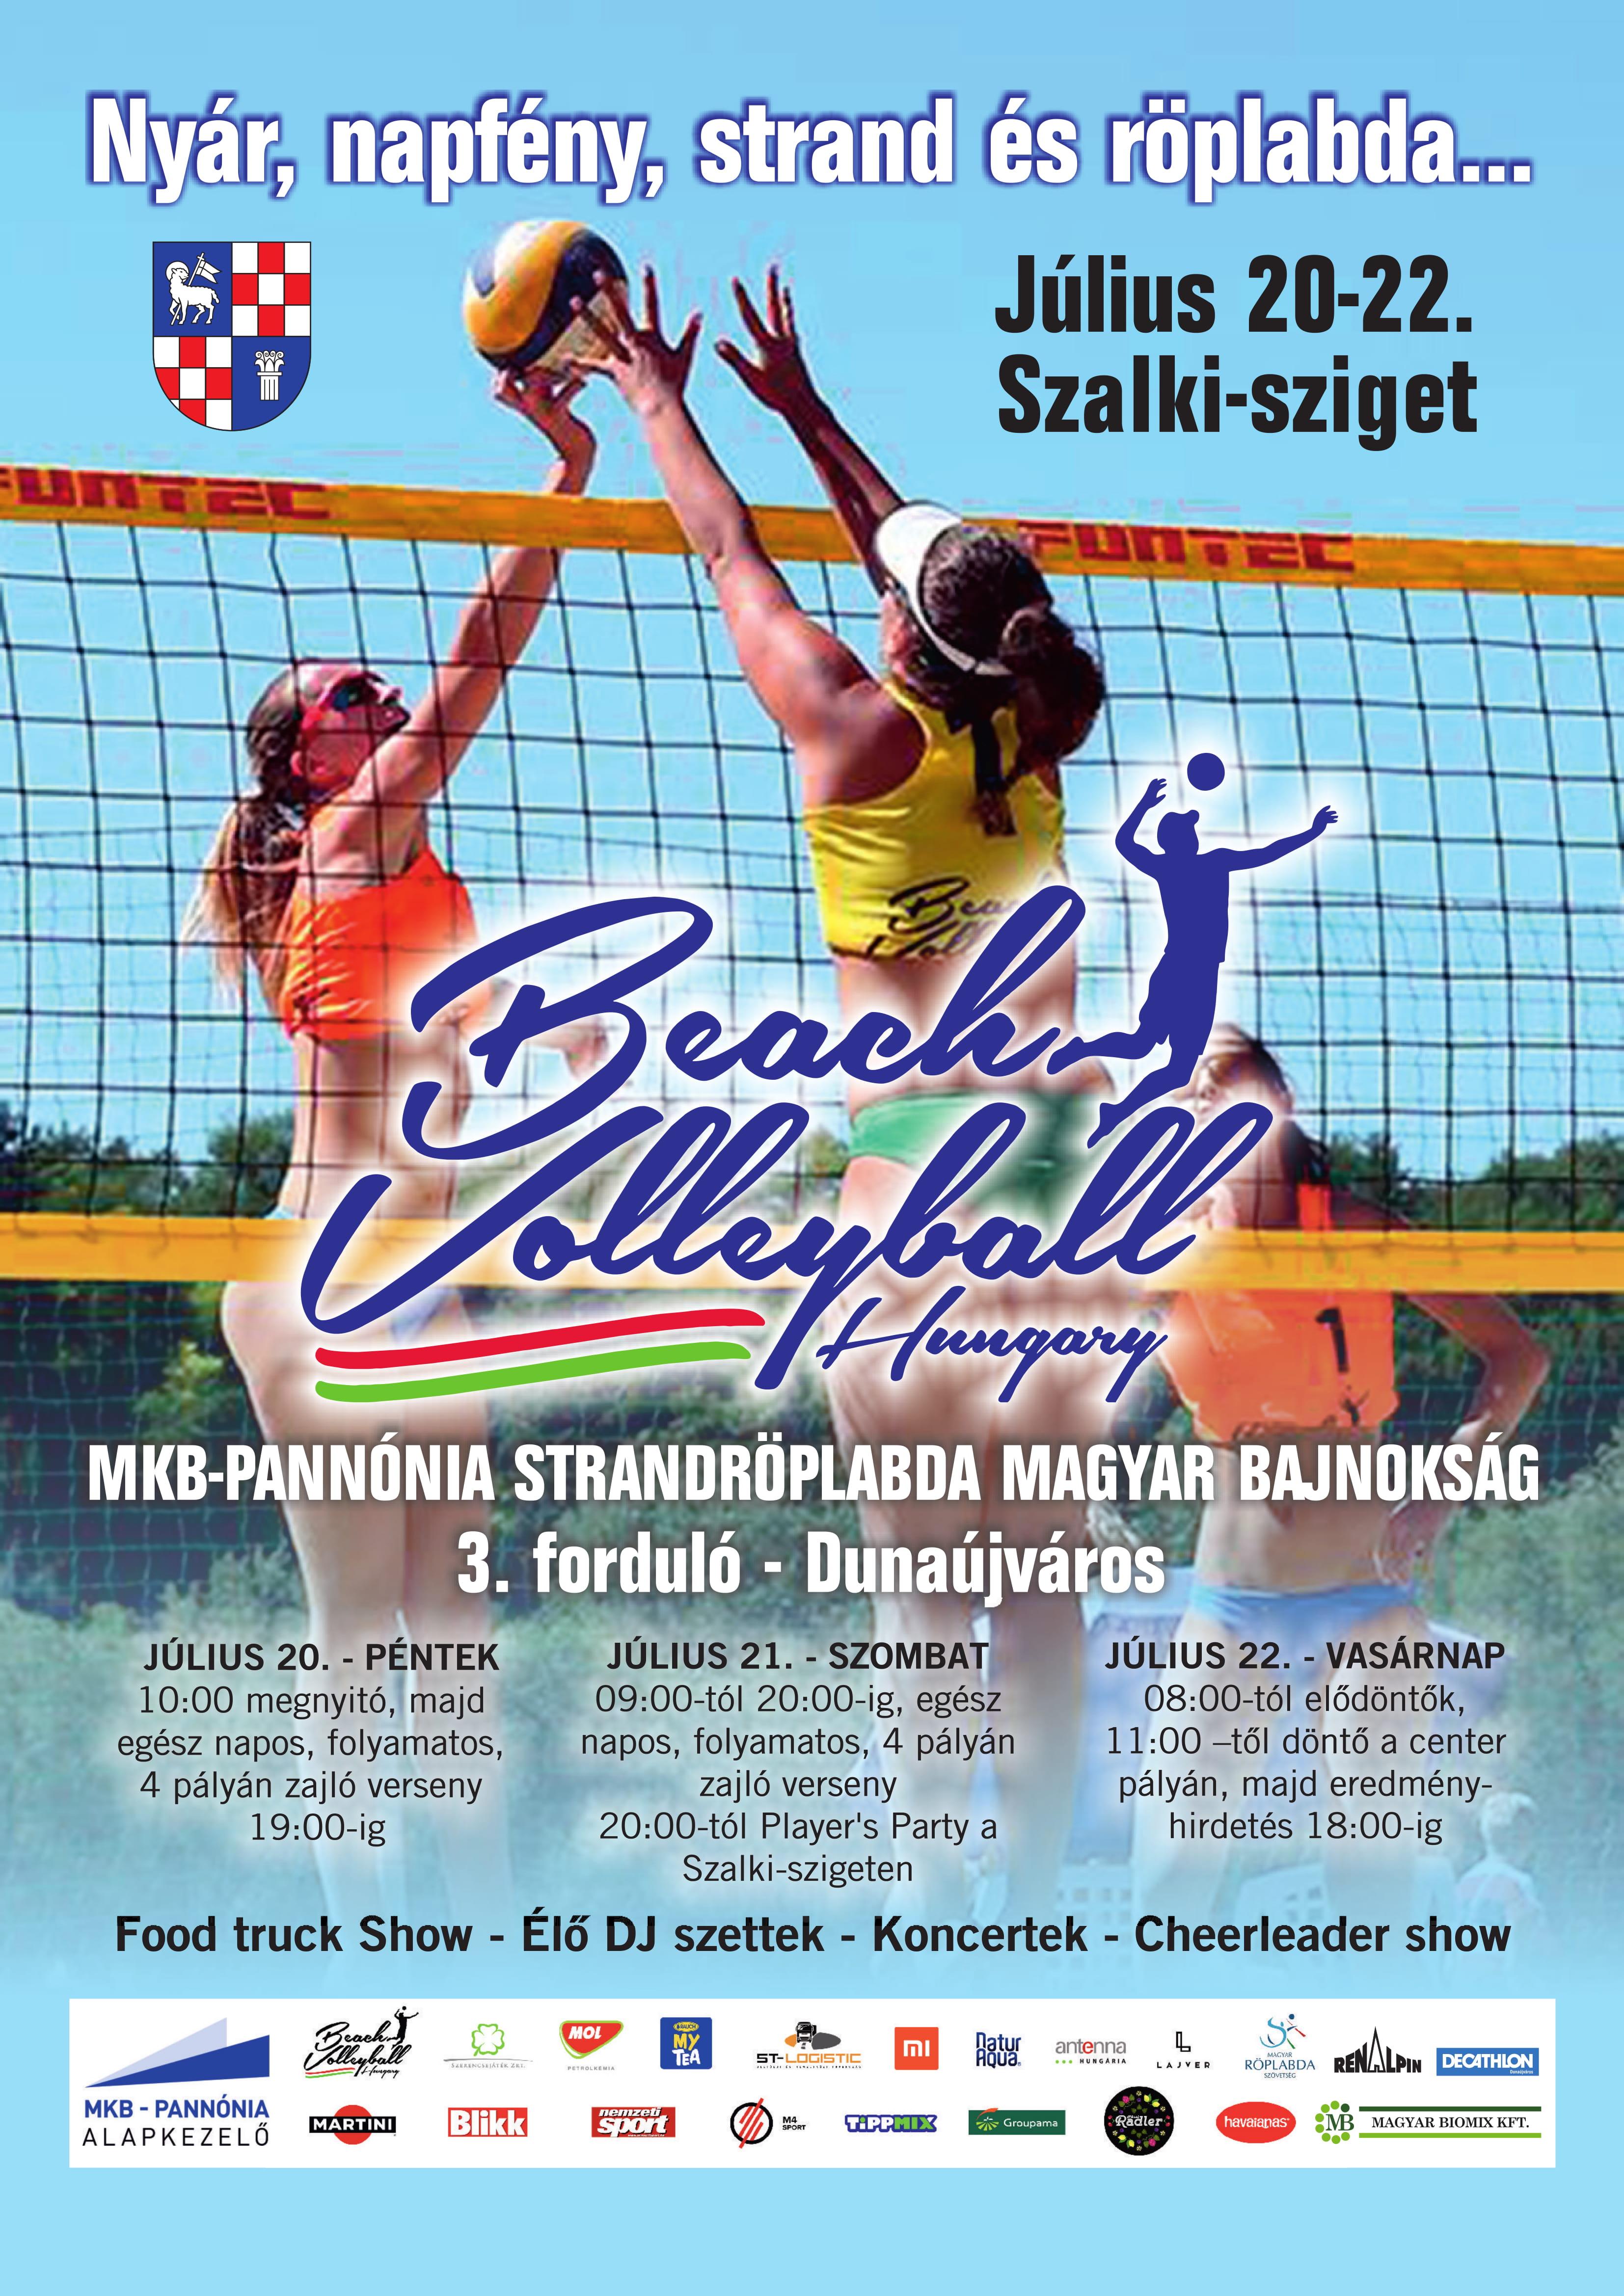 Strandröplabda Magyar Bajnokság Dunaújvárosban